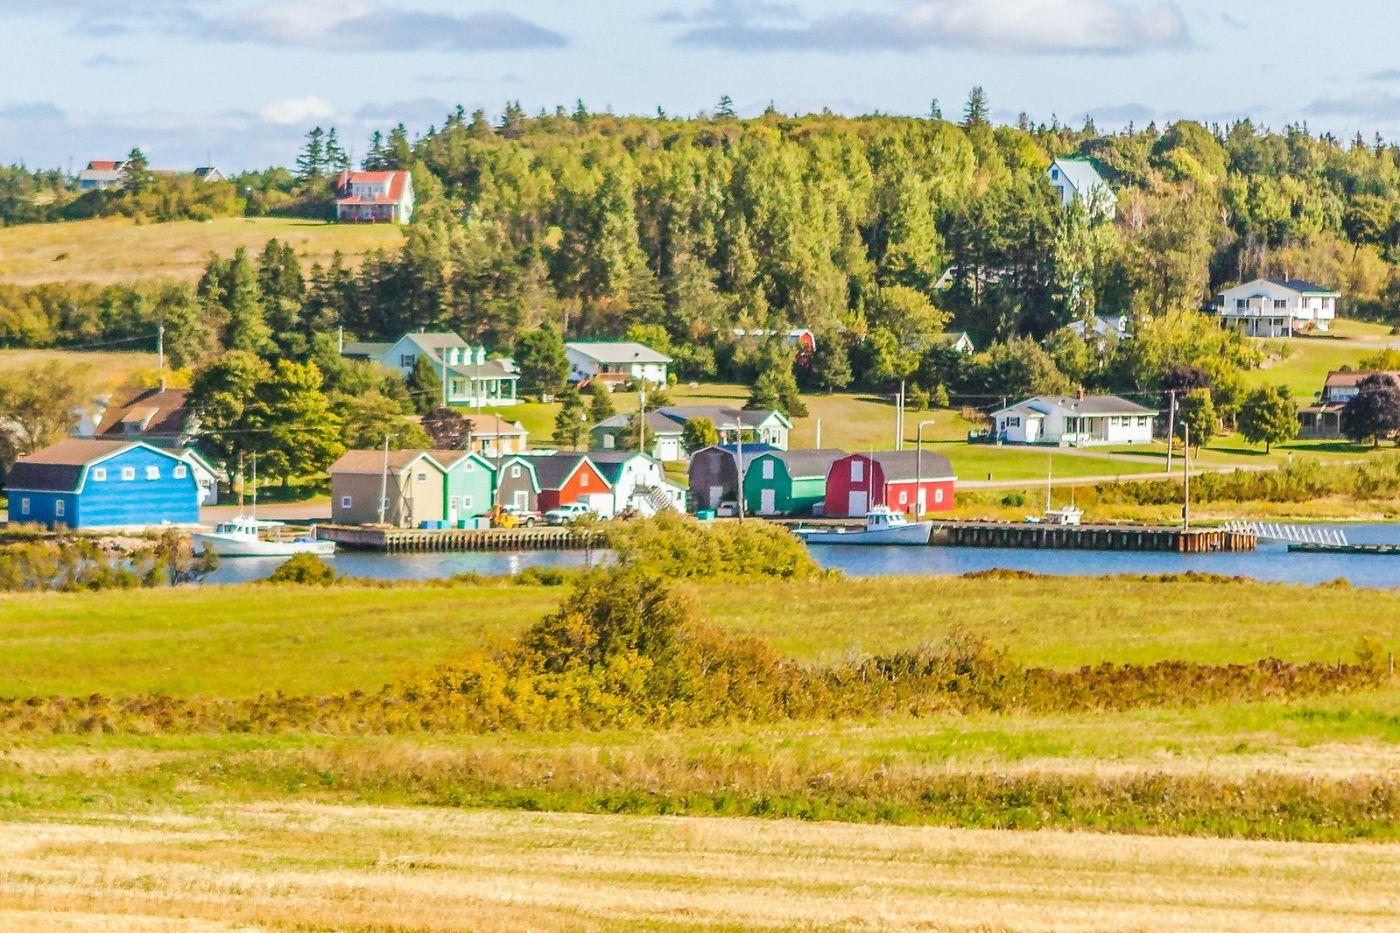 加拿大旅途,沿途即景_图1-36